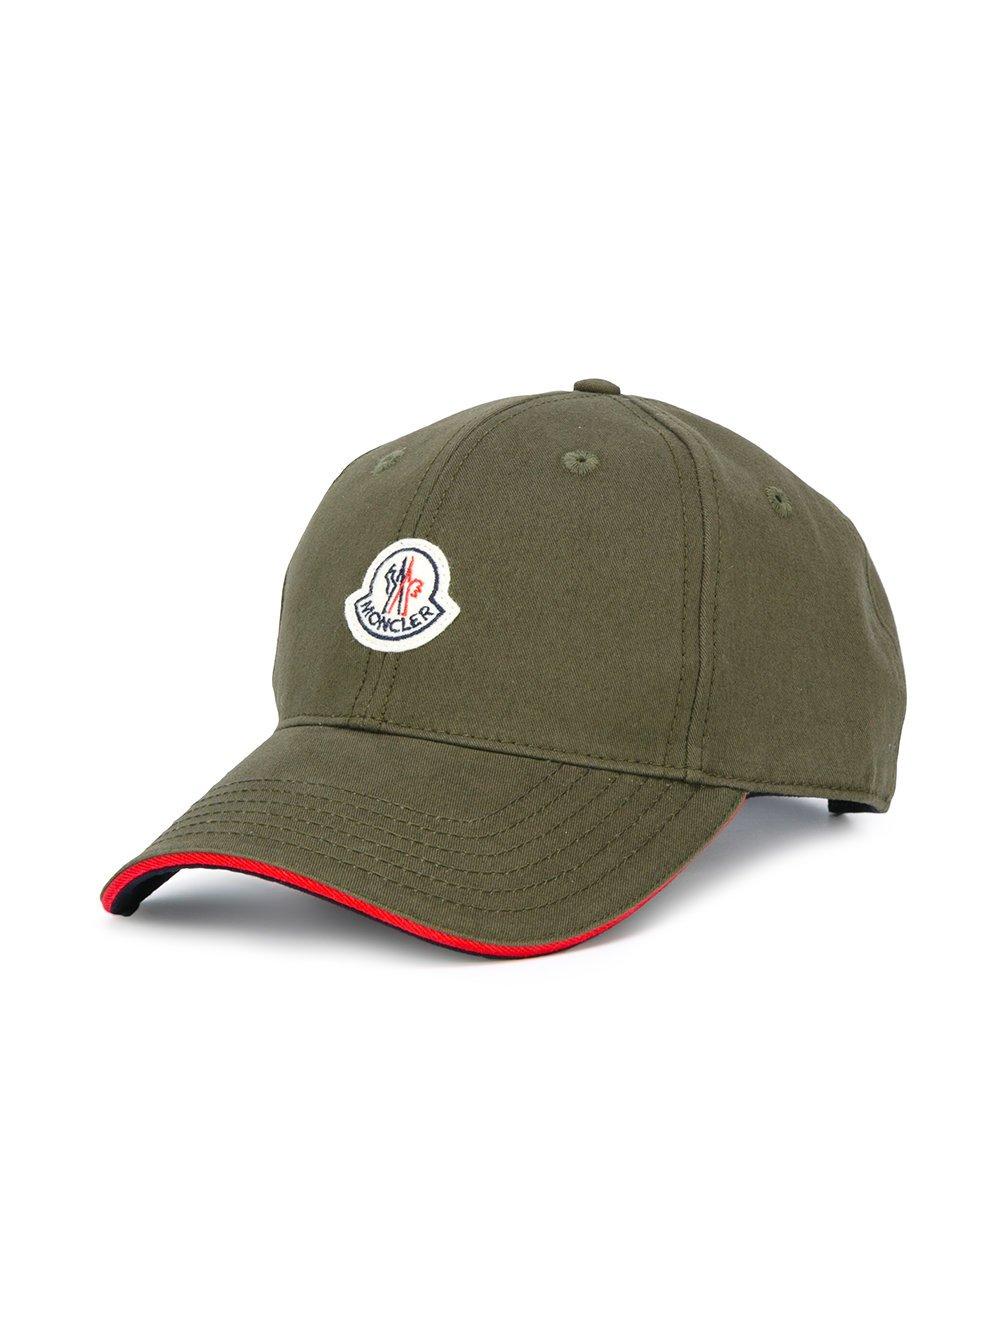 ... official moncler classic baseball cap green 87a8c d1484 0fcbe8ac4